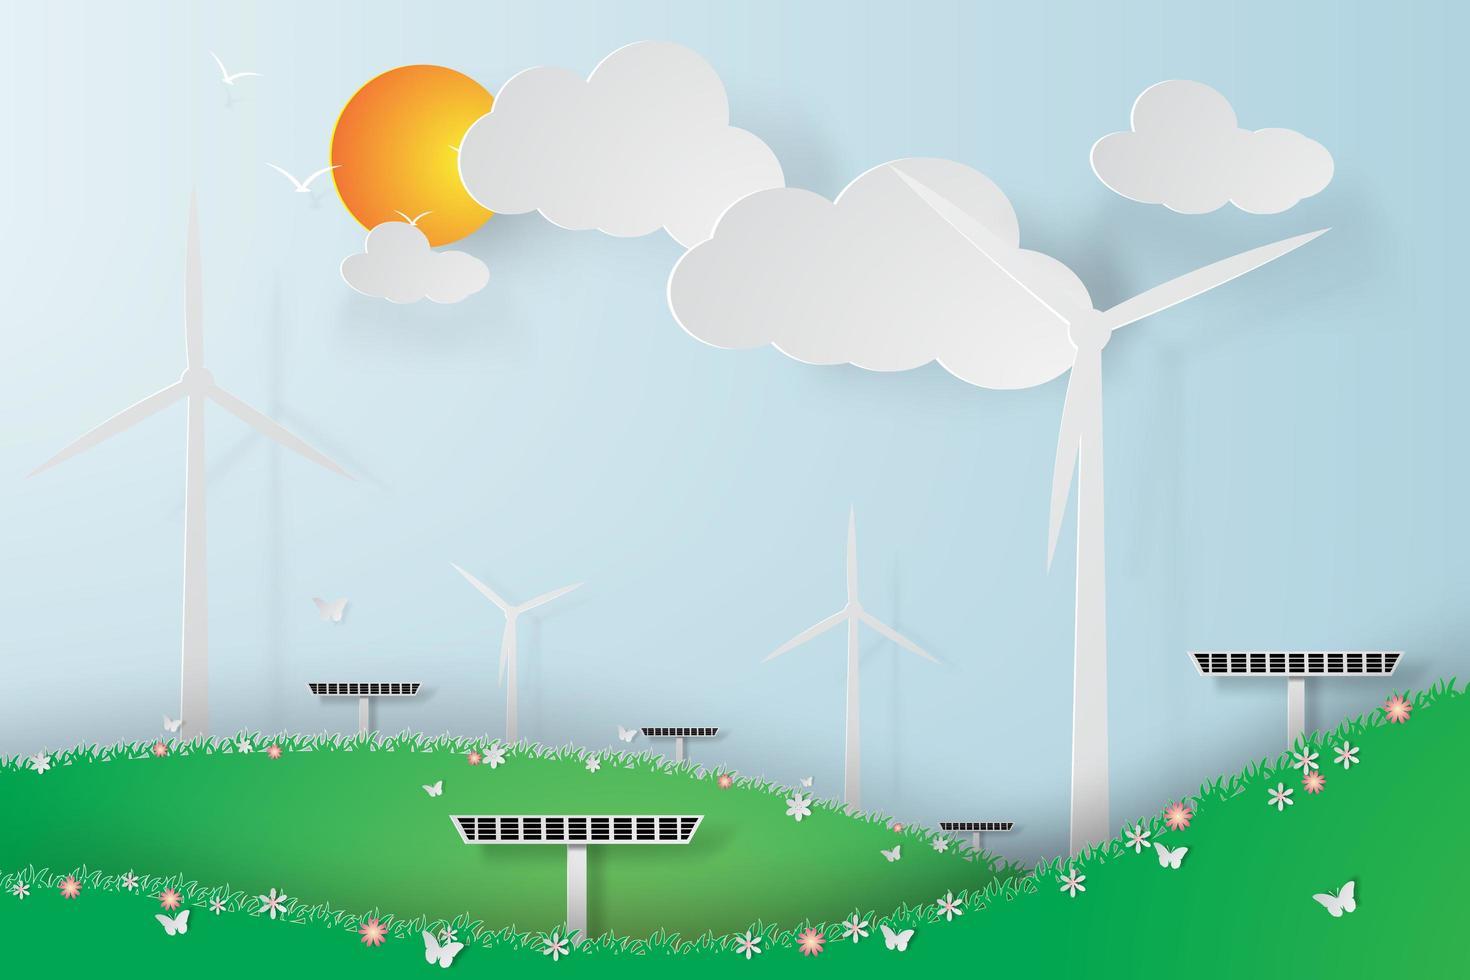 pannelli di energia solare verde turbina eolica vettore